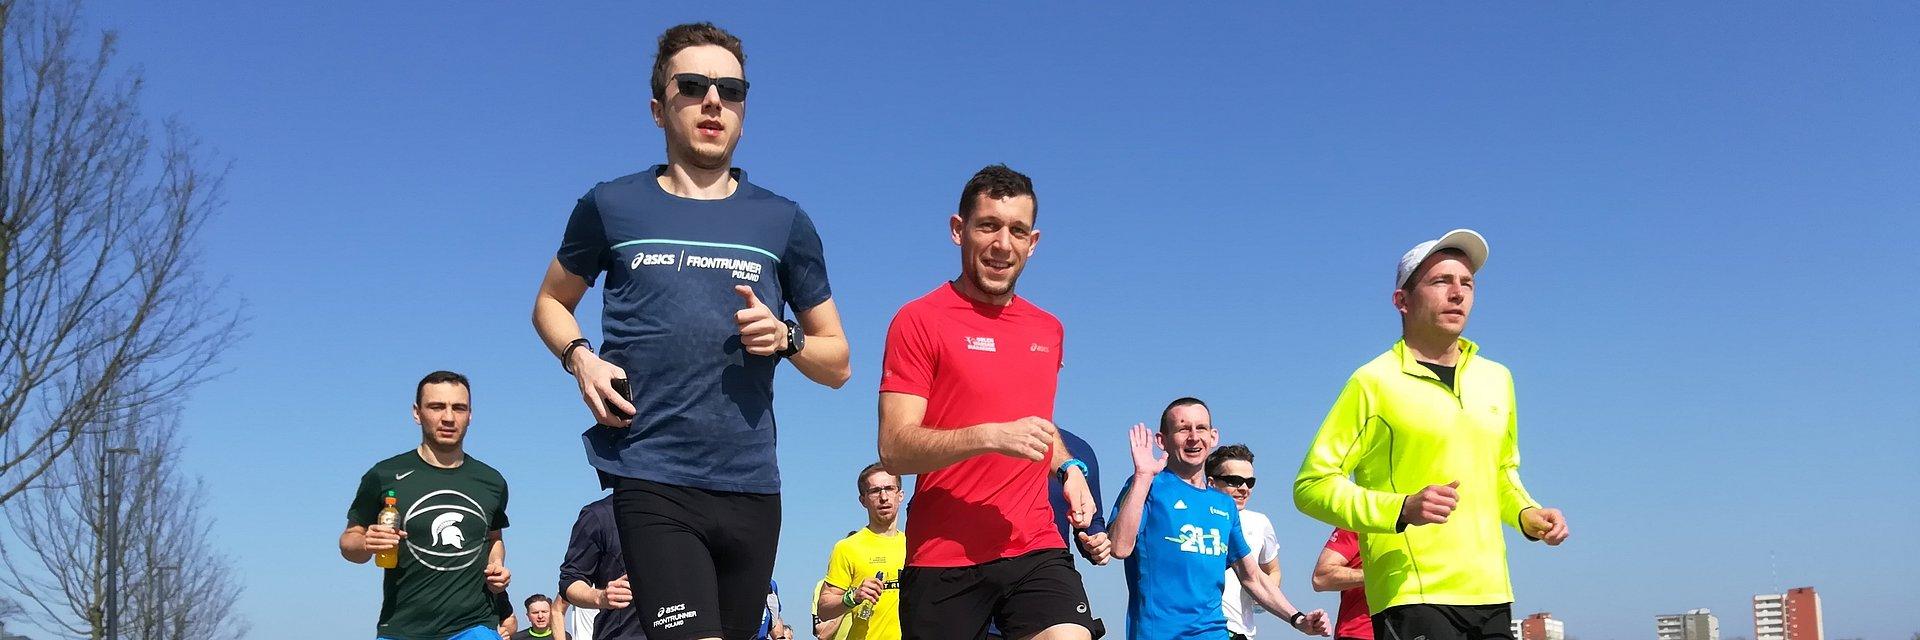 Przygotuj formę na ORLEN Warsaw Marathon dzięki bezpłatnym treningom